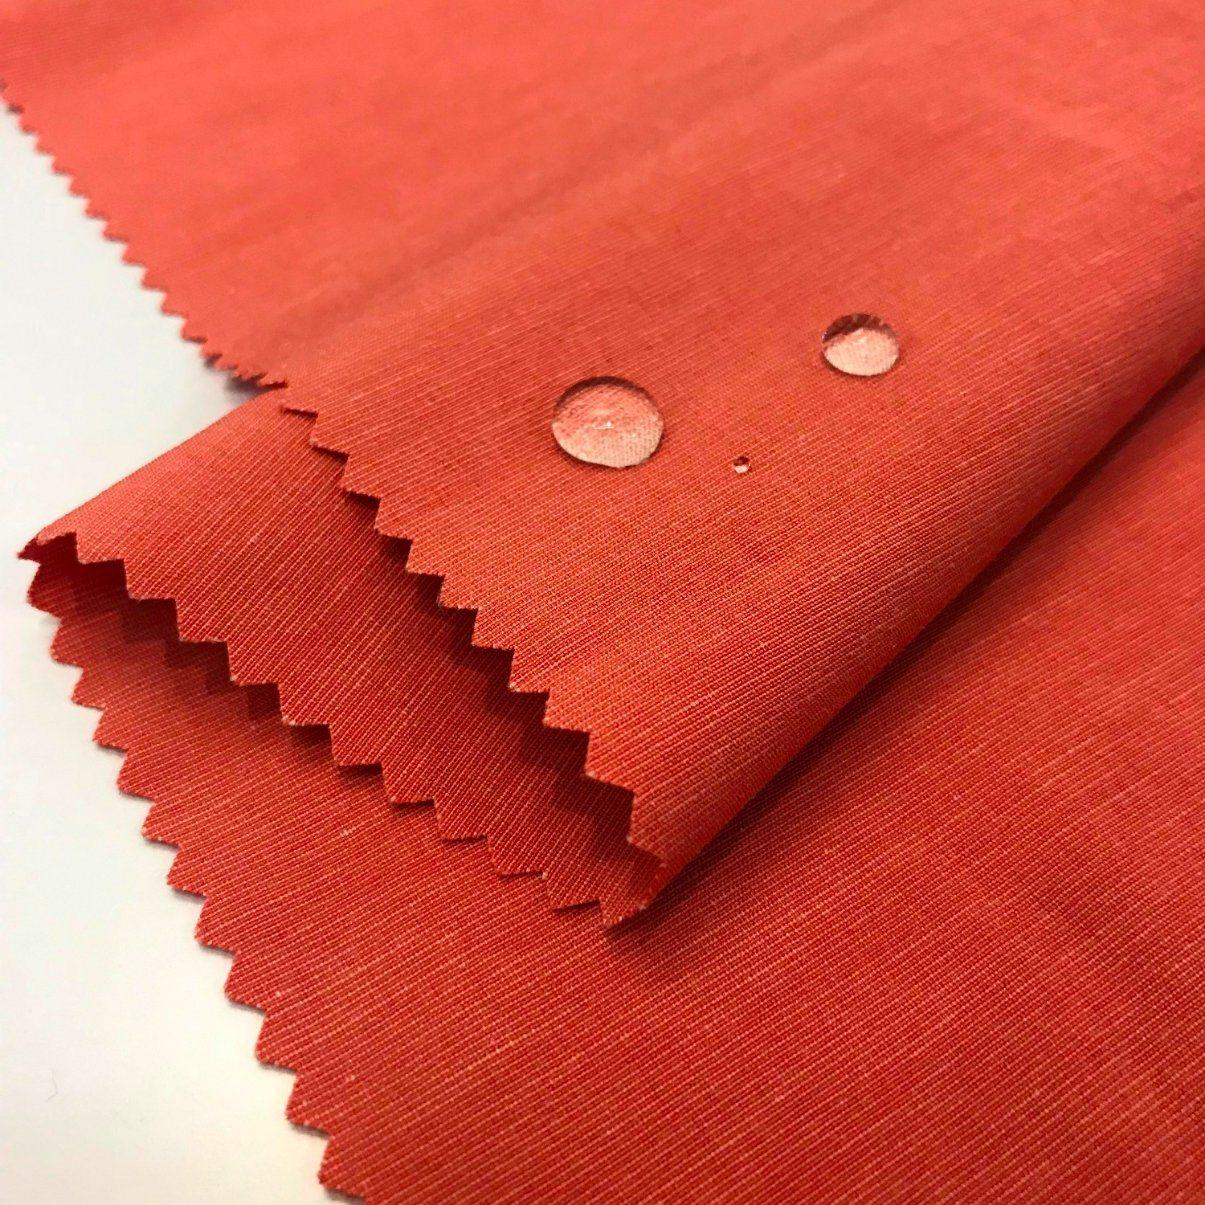 vải thun cotton dạng 4 chiều